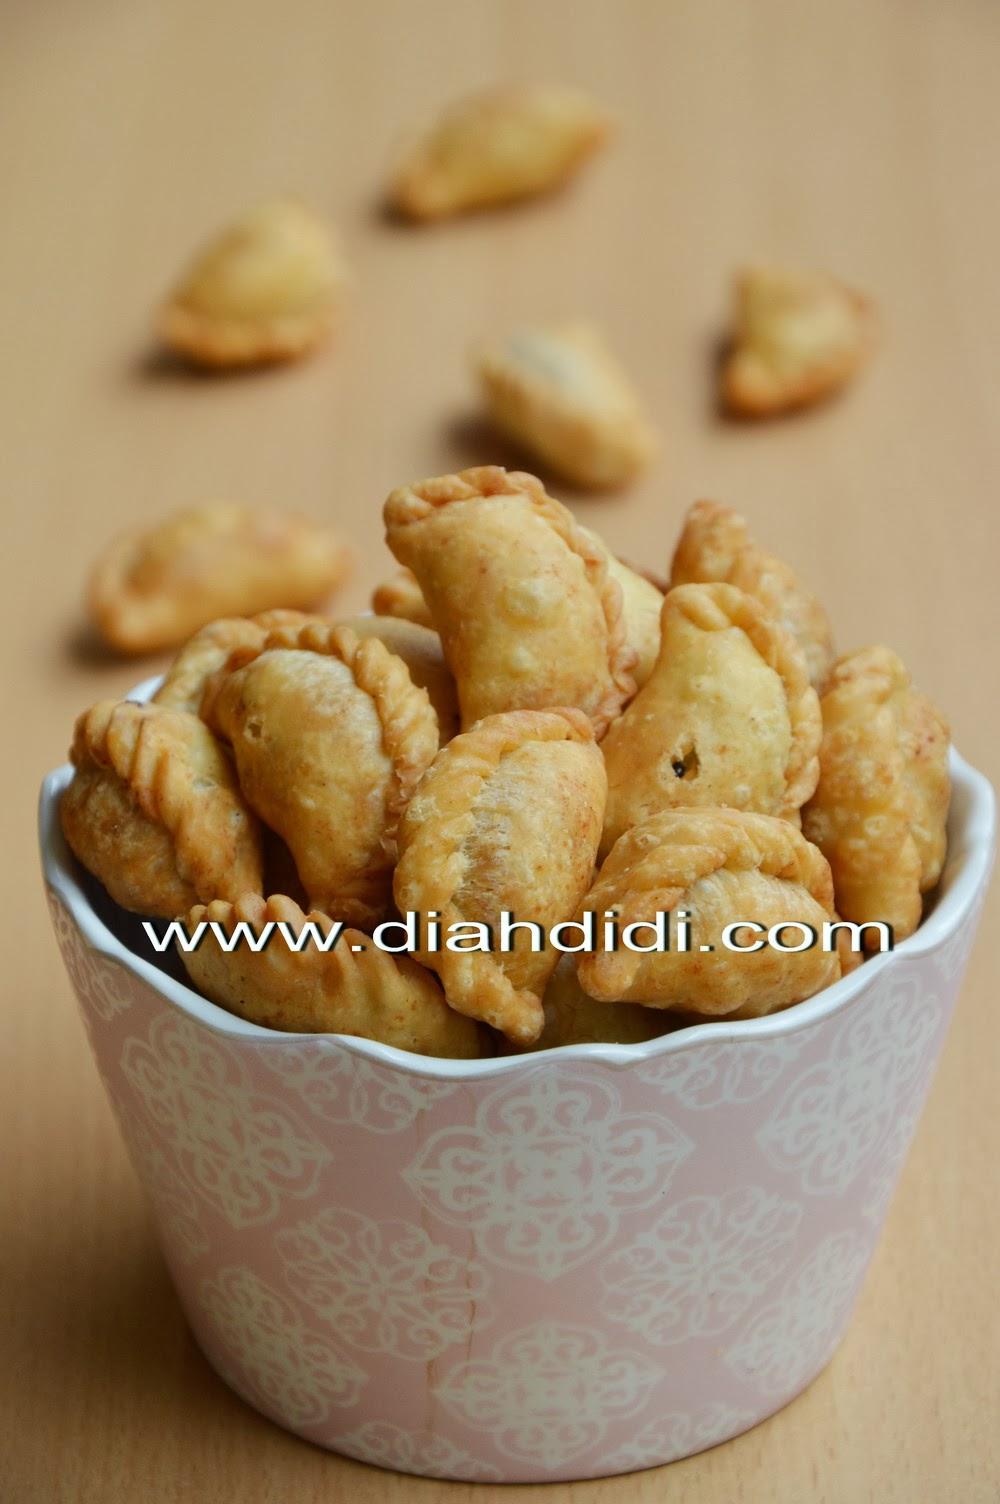 Resep Pastel Goreng Renyah : resep, pastel, goreng, renyah, Didi's, Kitchen:, Pastel, Kering, Renyah